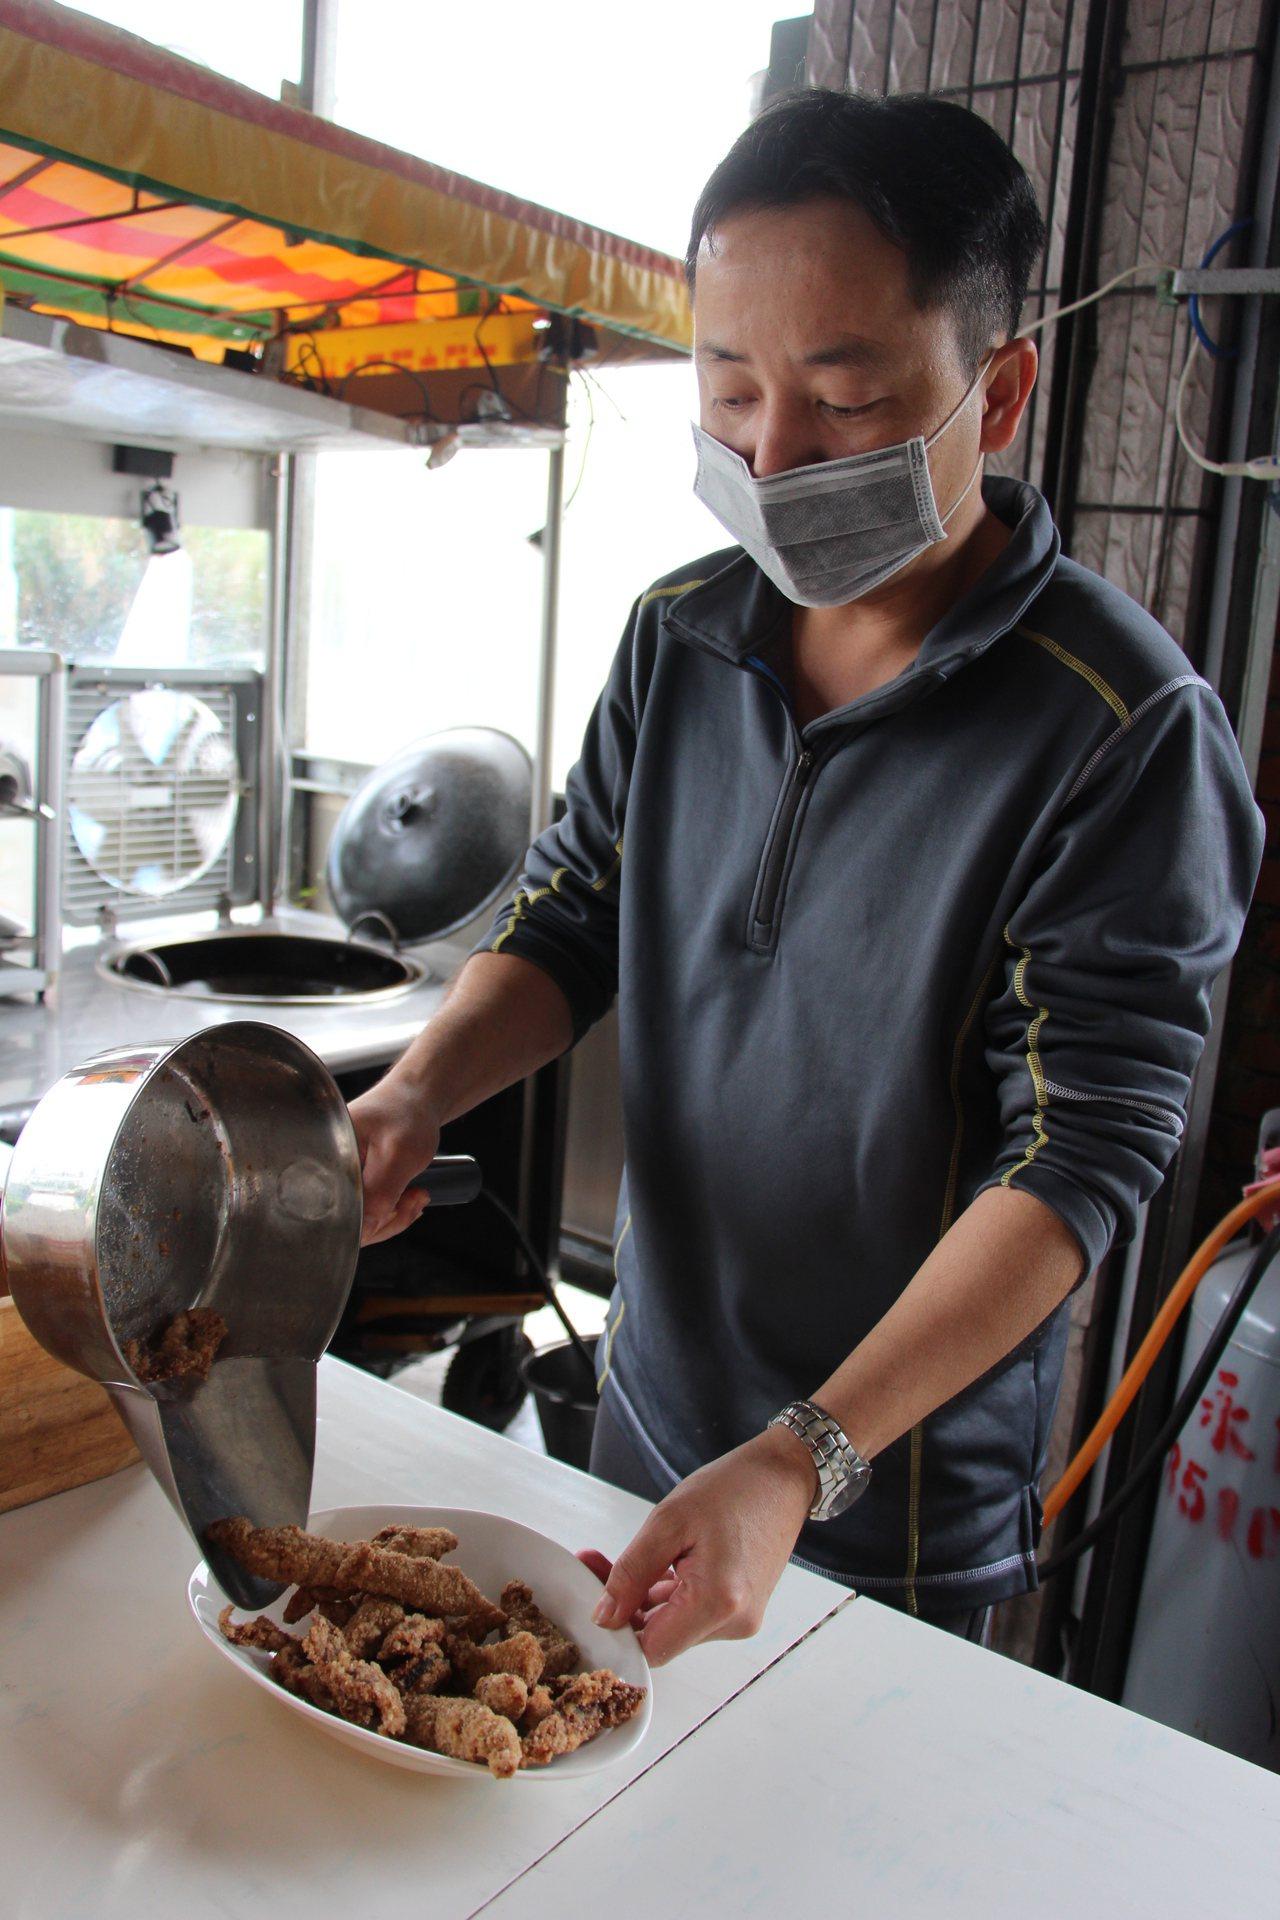 陳睿恩因一場擺攤經驗,看見成功小鎮的料理契機,開創了鬼頭刀料理店。記者李蕙君/攝...